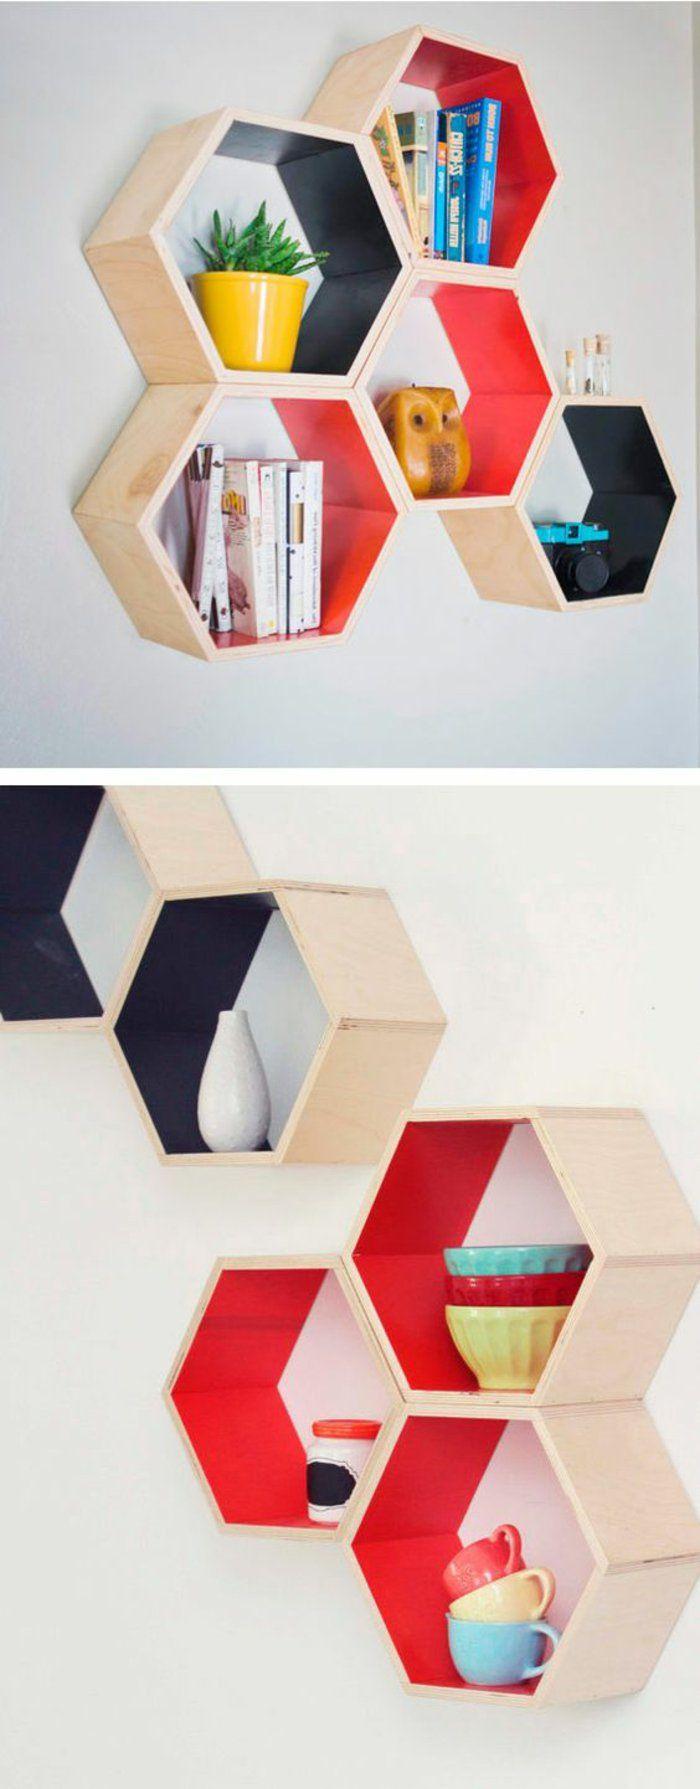 die besten 17 ideen zu kreative wandgestaltung auf. Black Bedroom Furniture Sets. Home Design Ideas